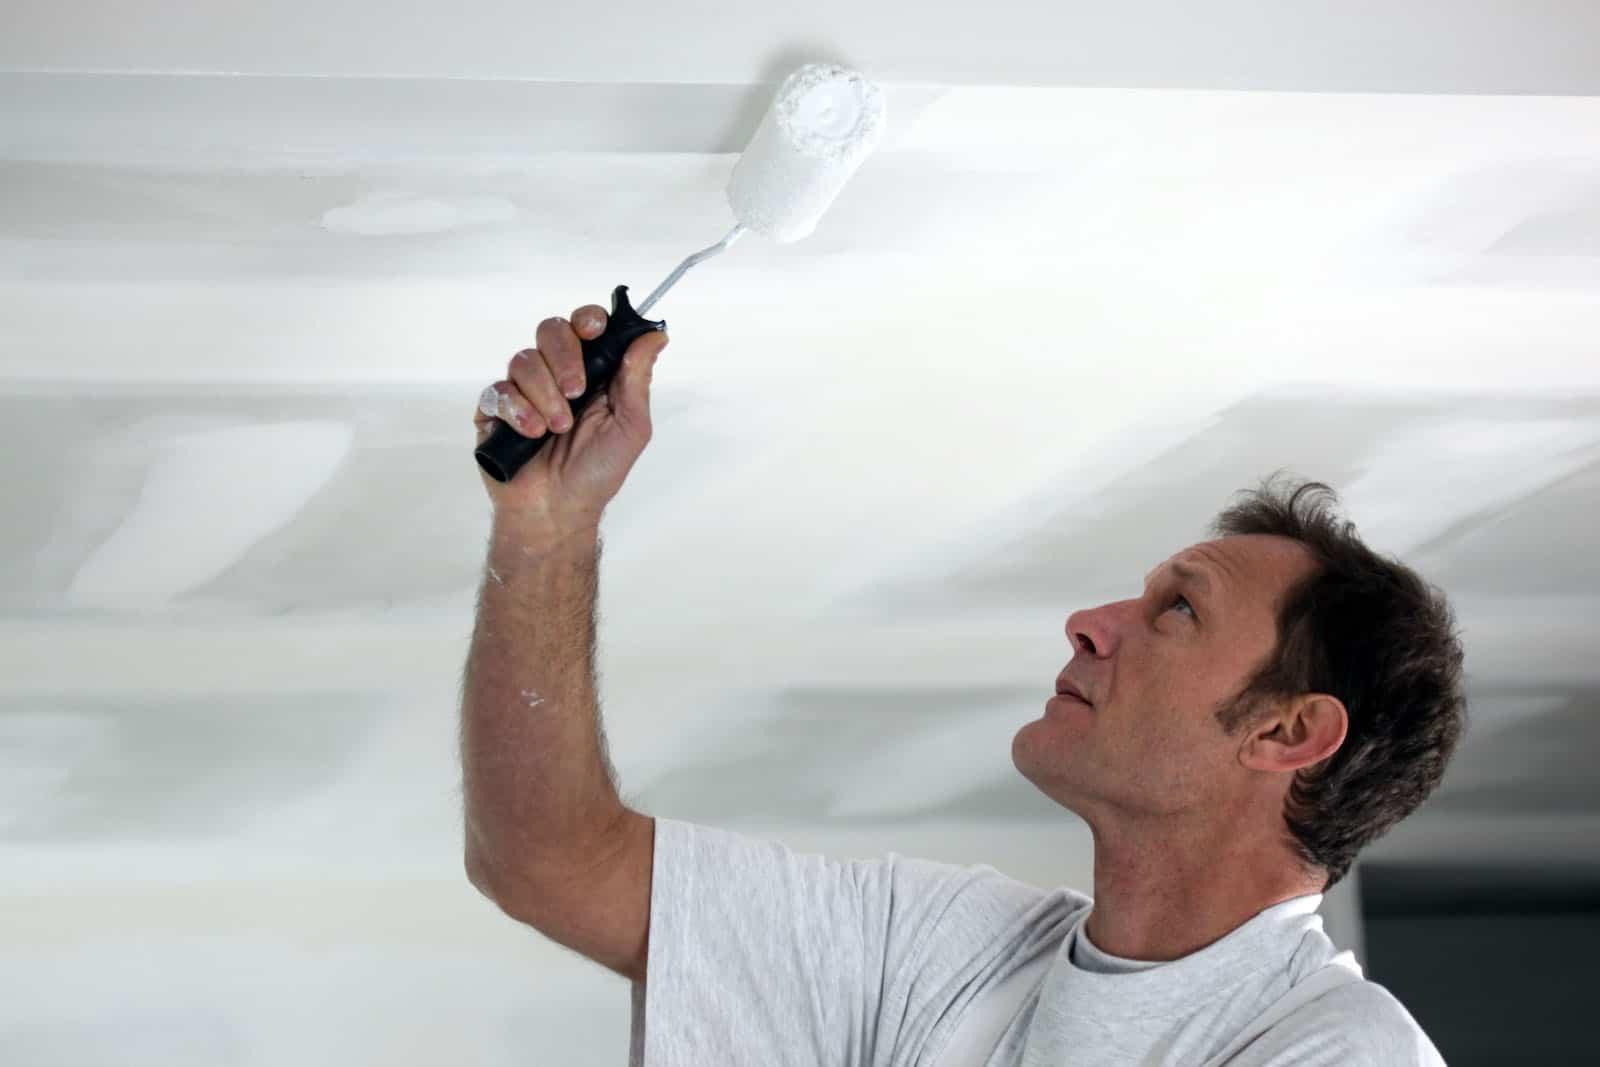 7 Best Ceiling Paints of 2021